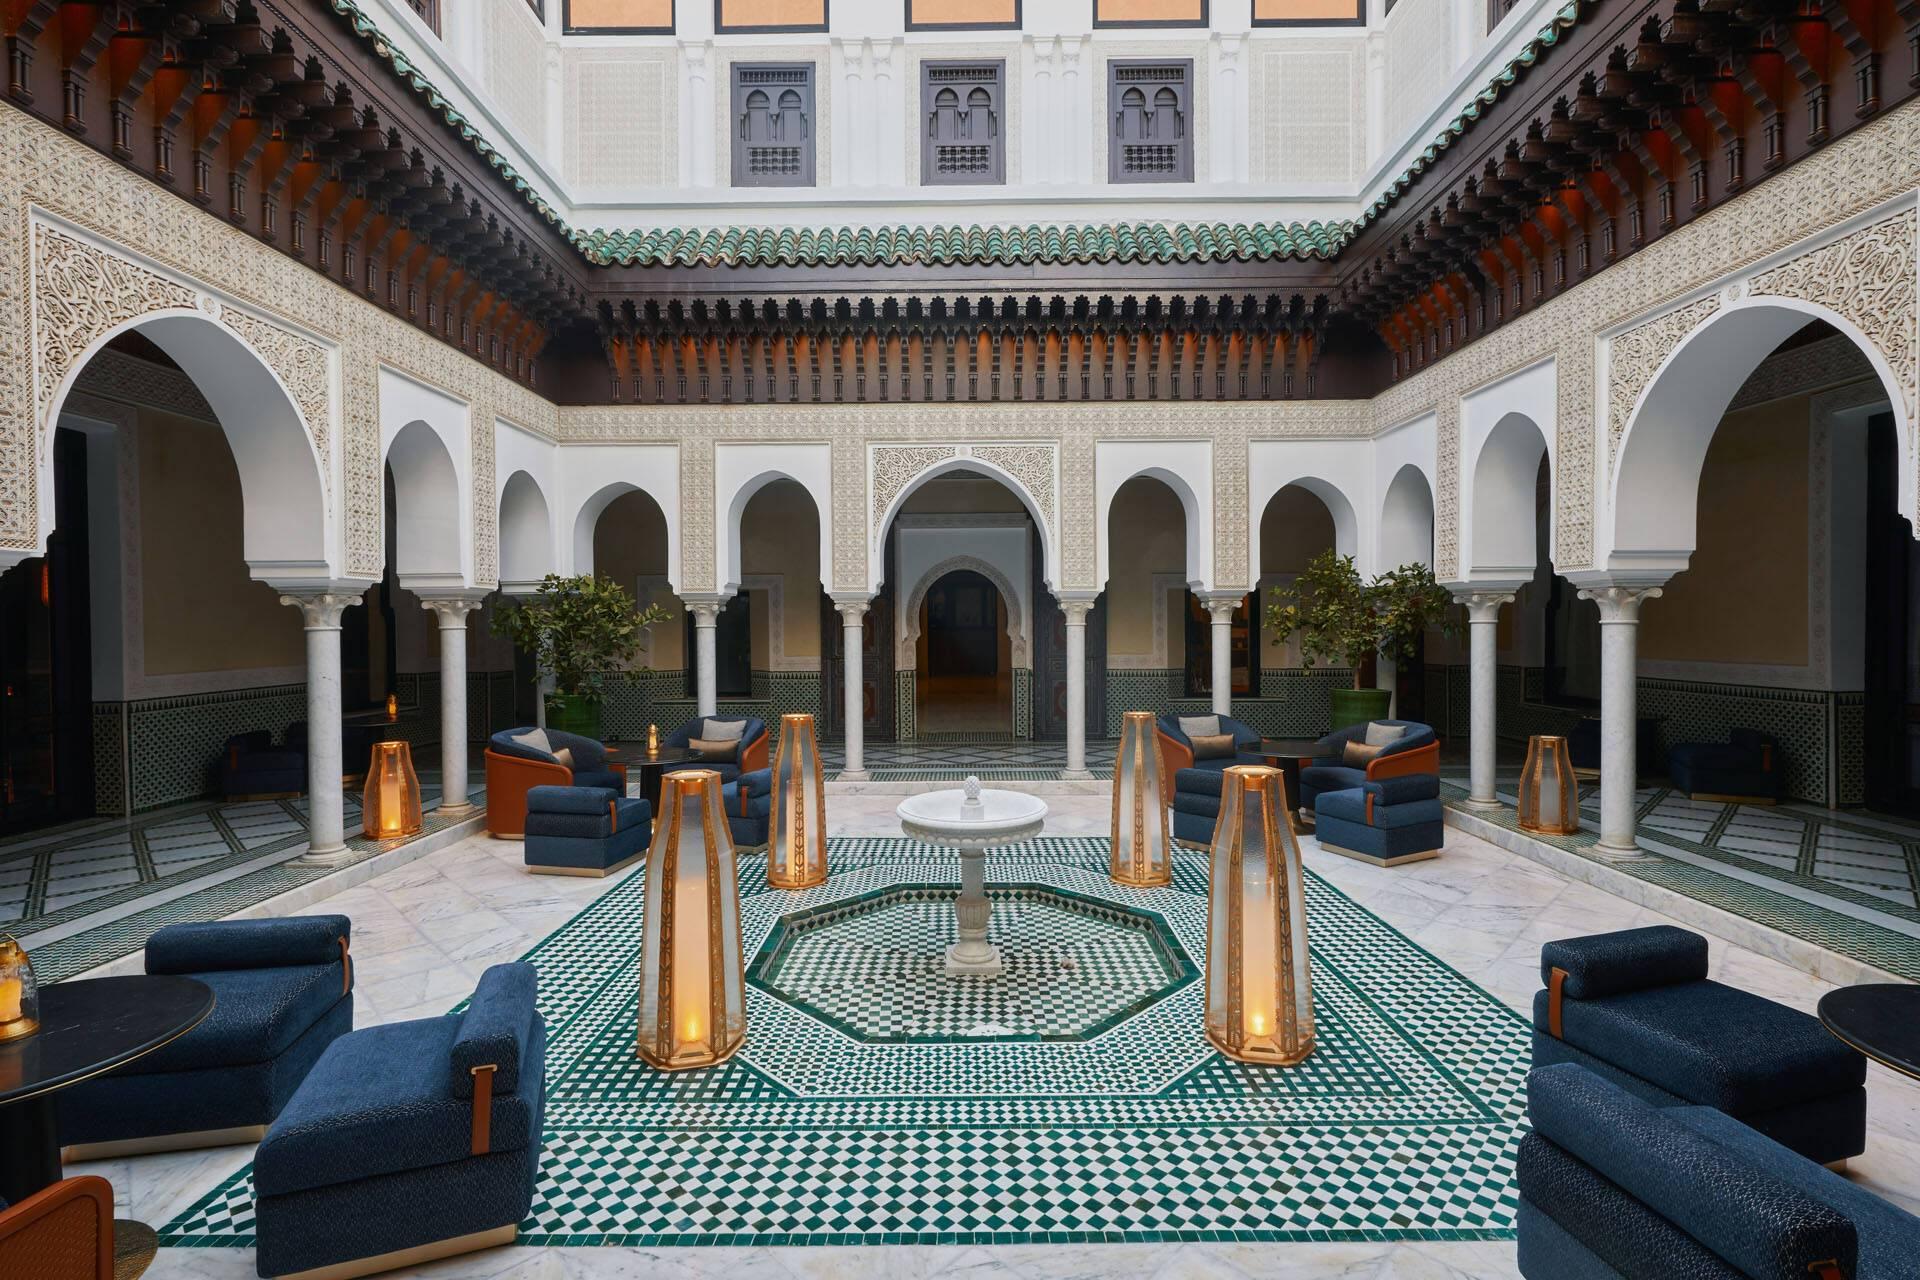 La Mamounia Marrakech Salon The Pierre Herme